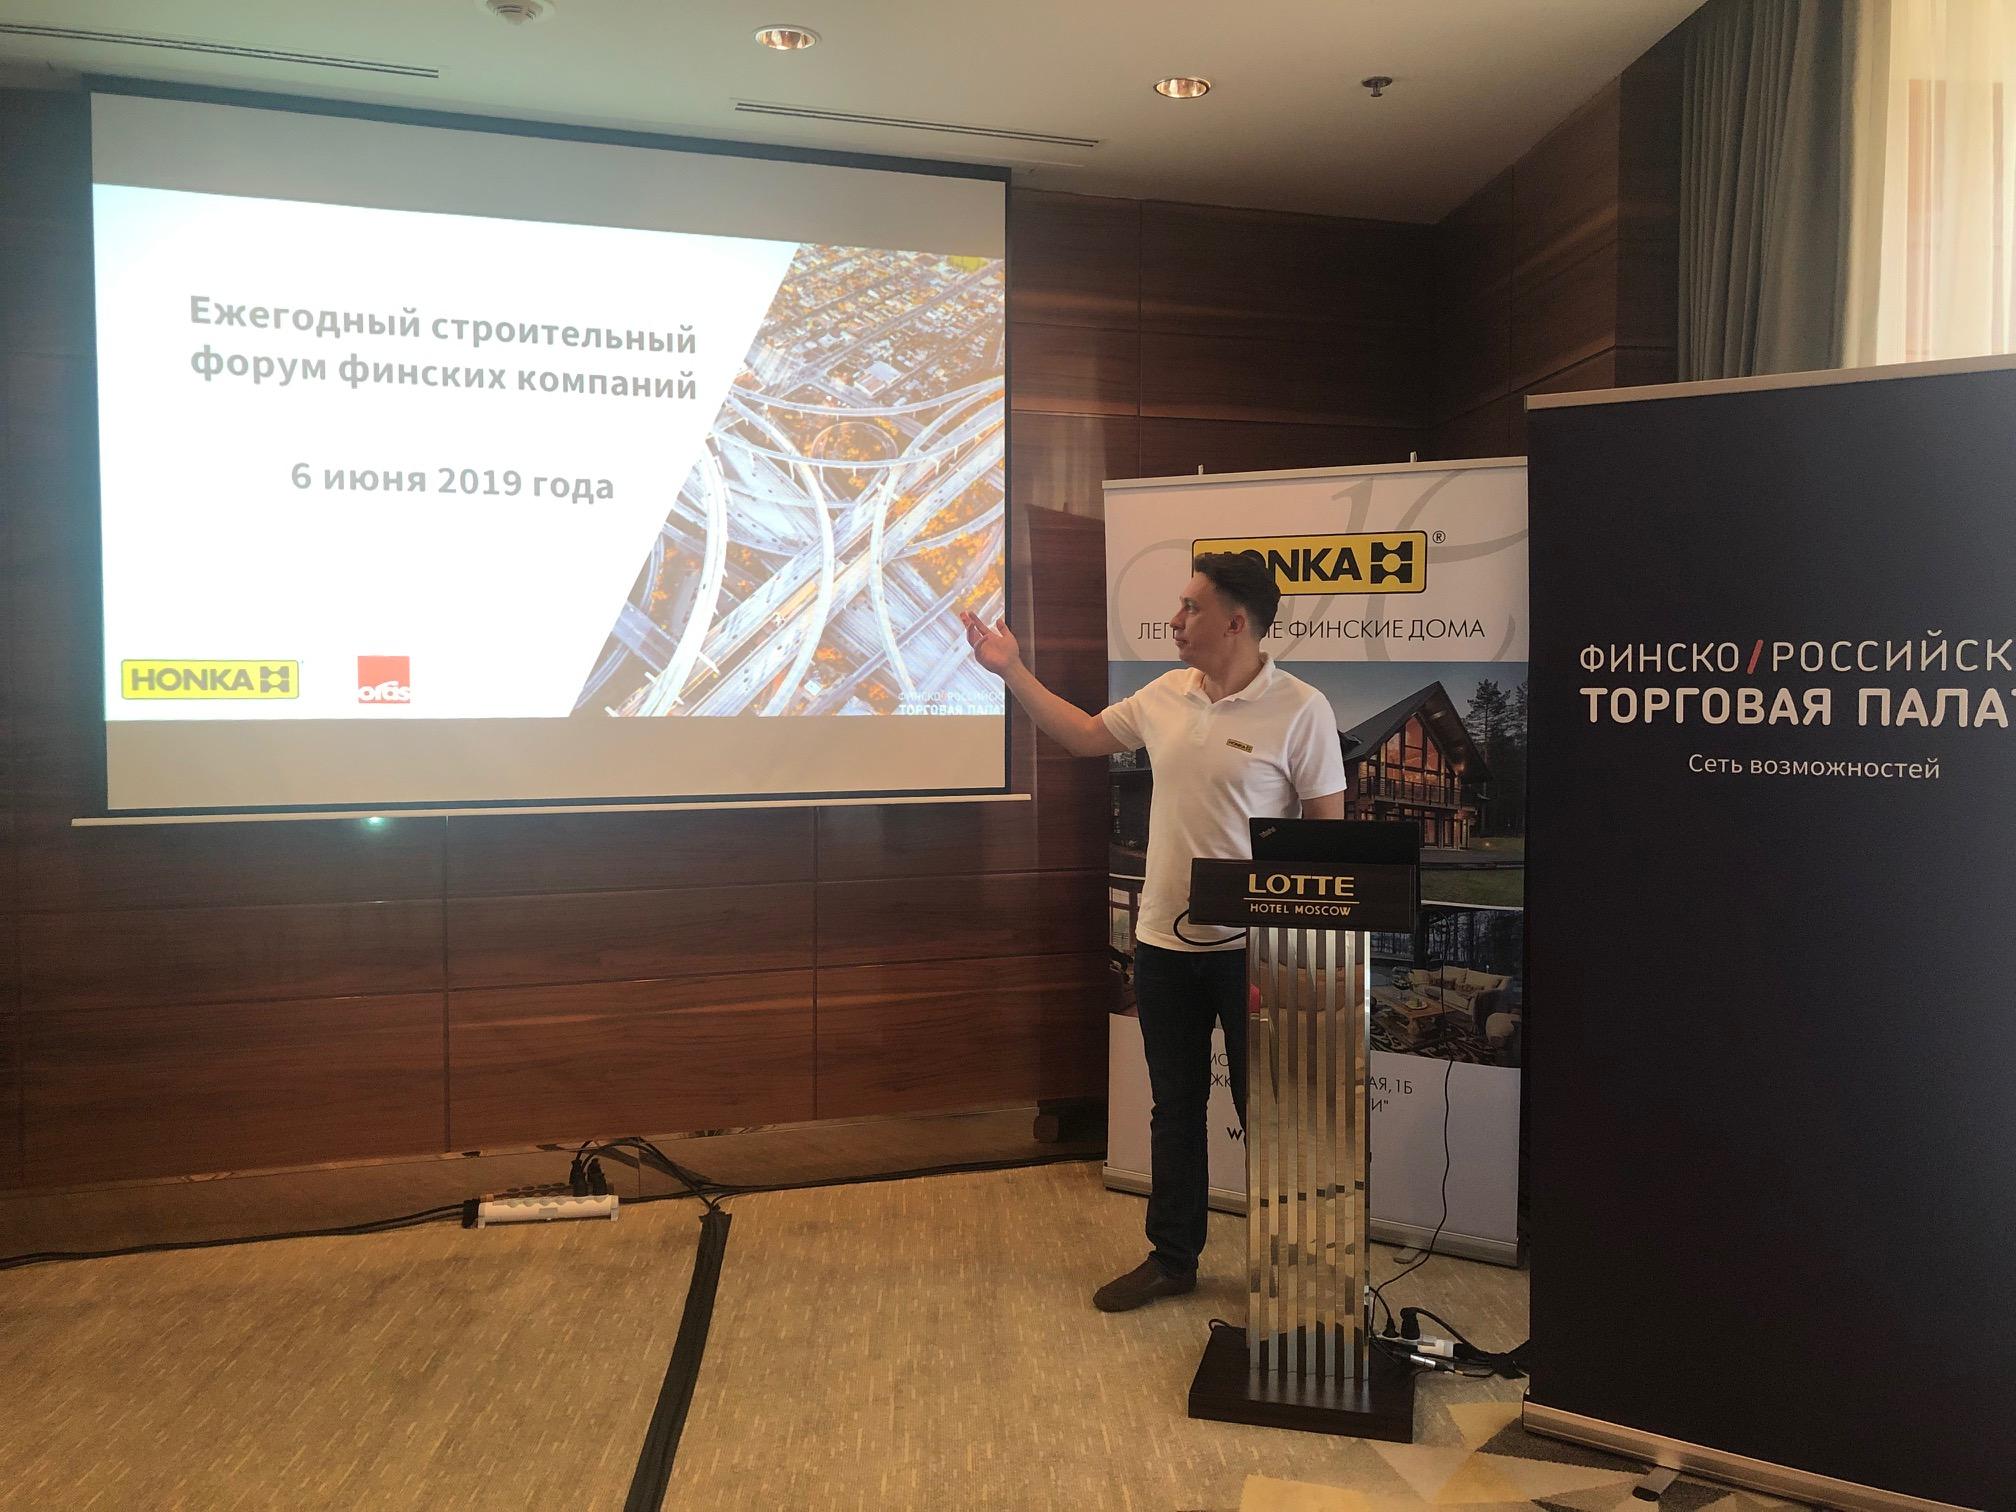 HONKA приняла участие в ежегодном строительном форуме финских компаний